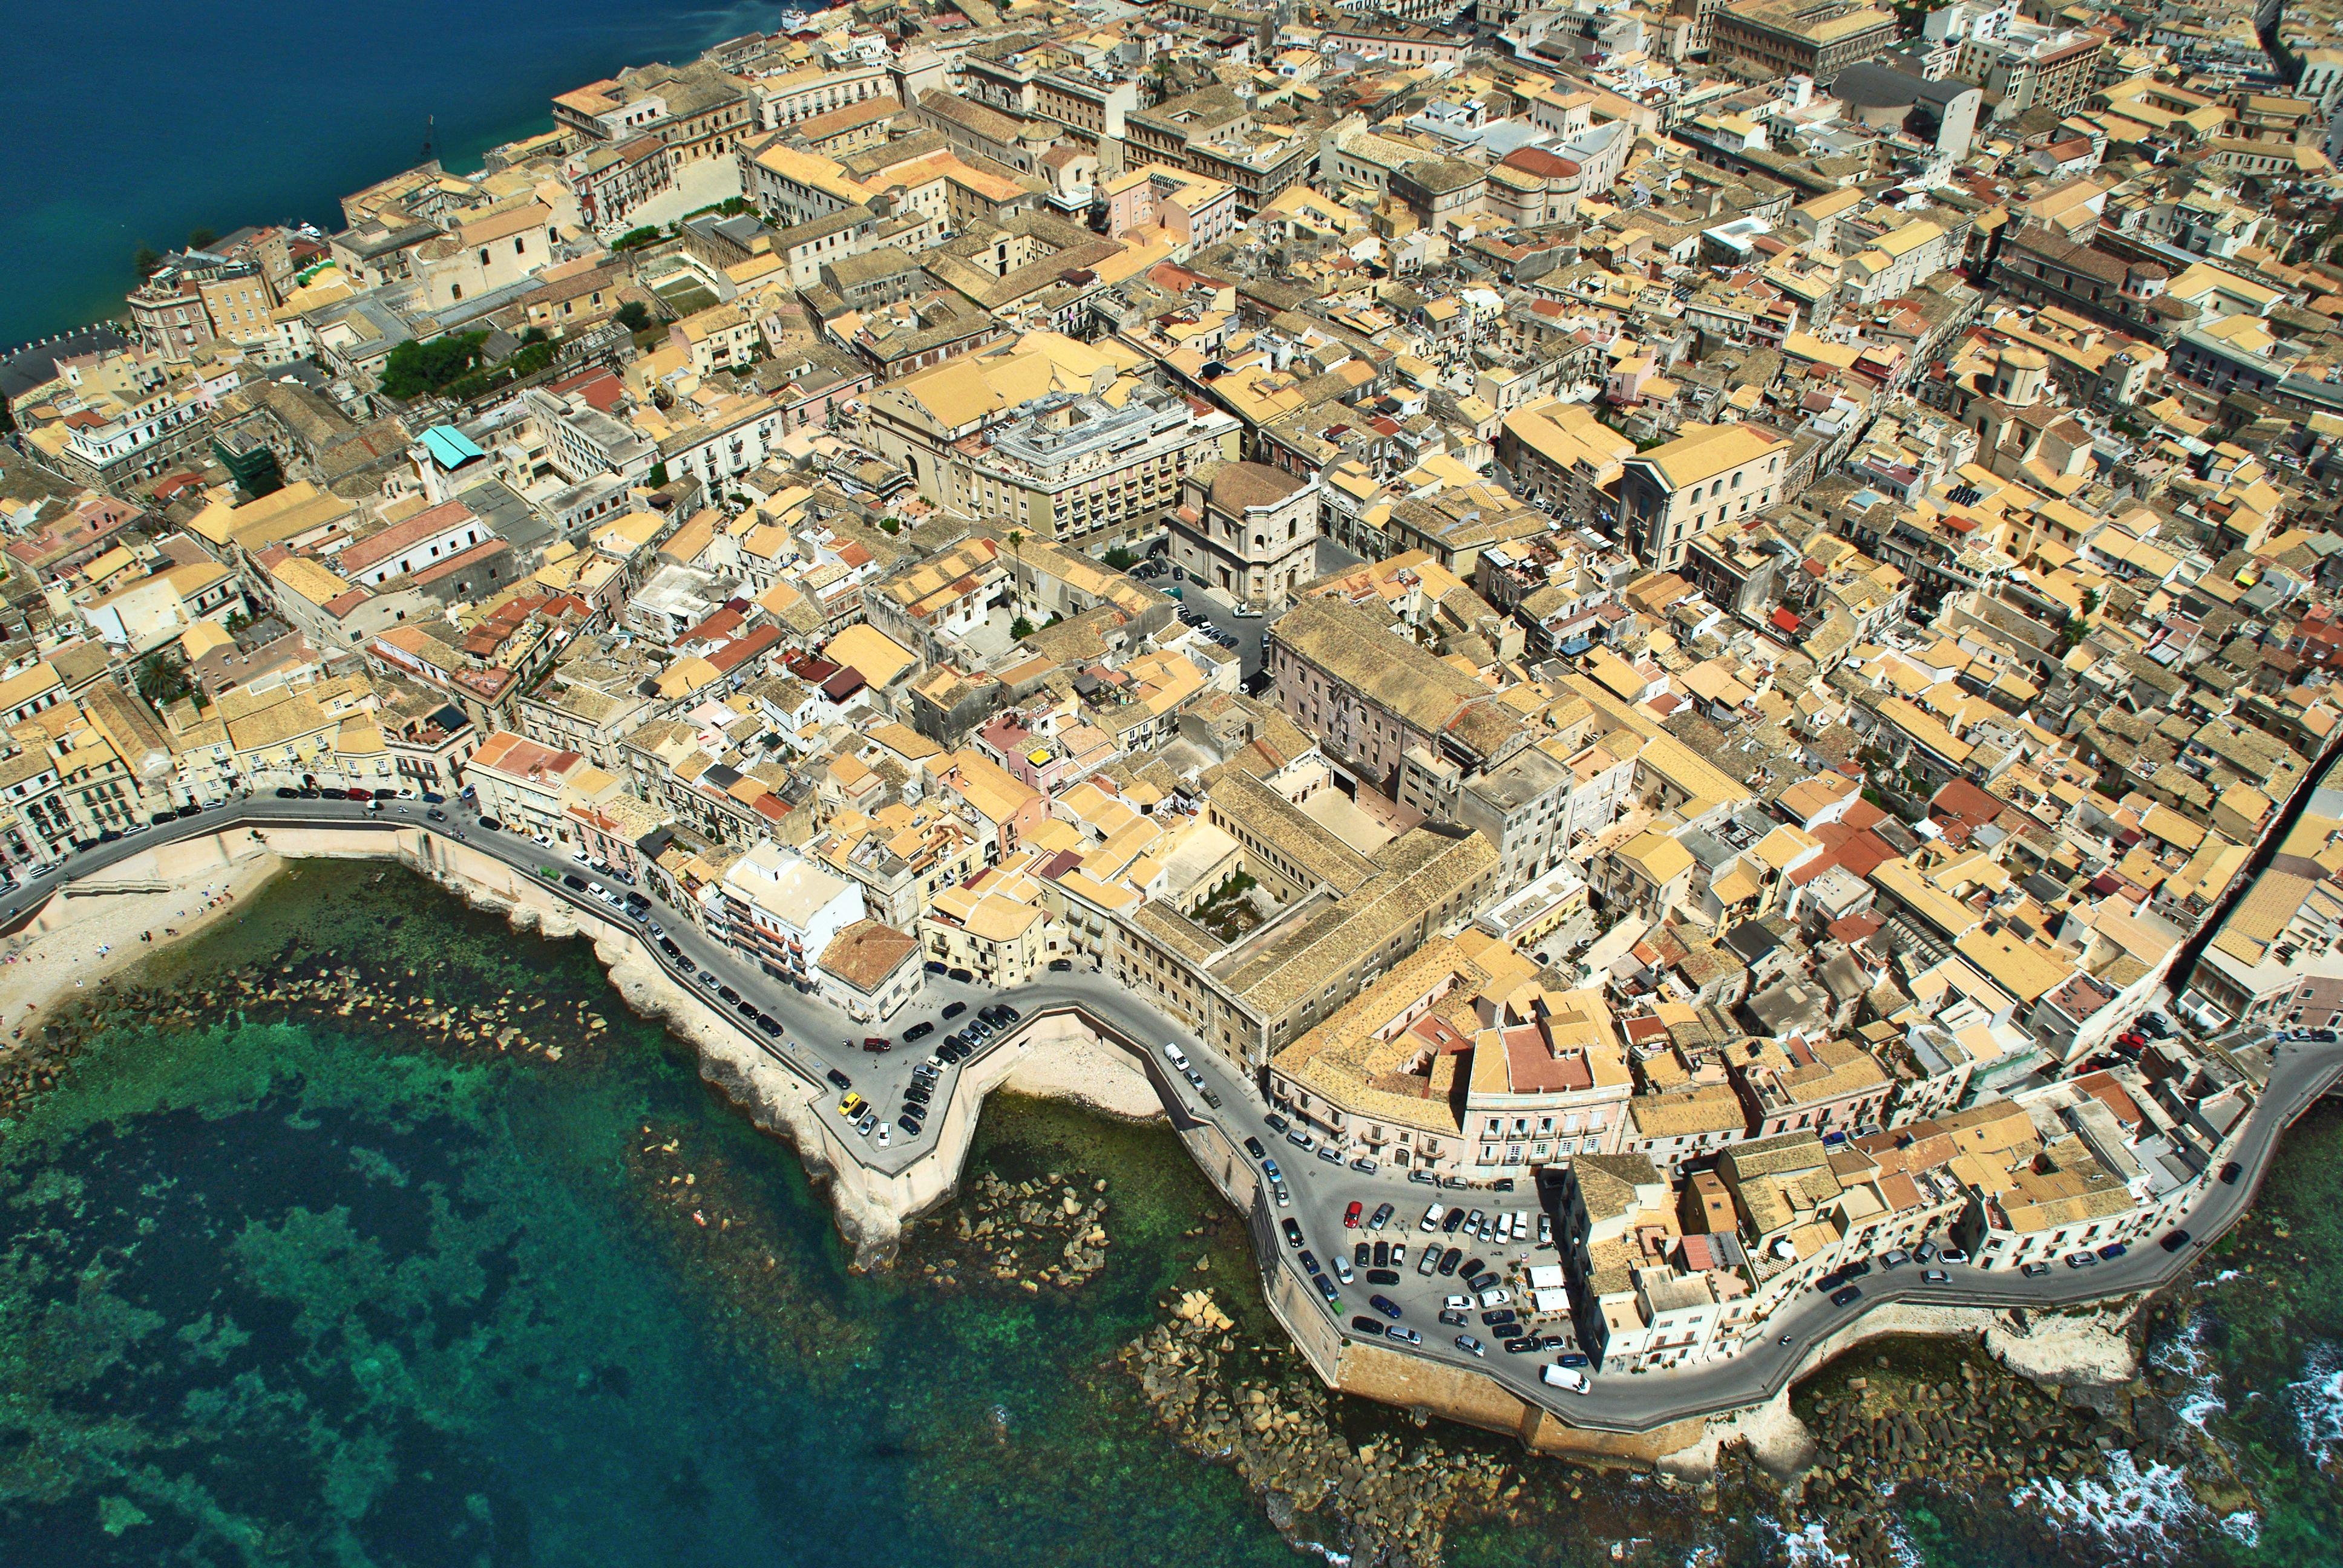 Island of Ortigia